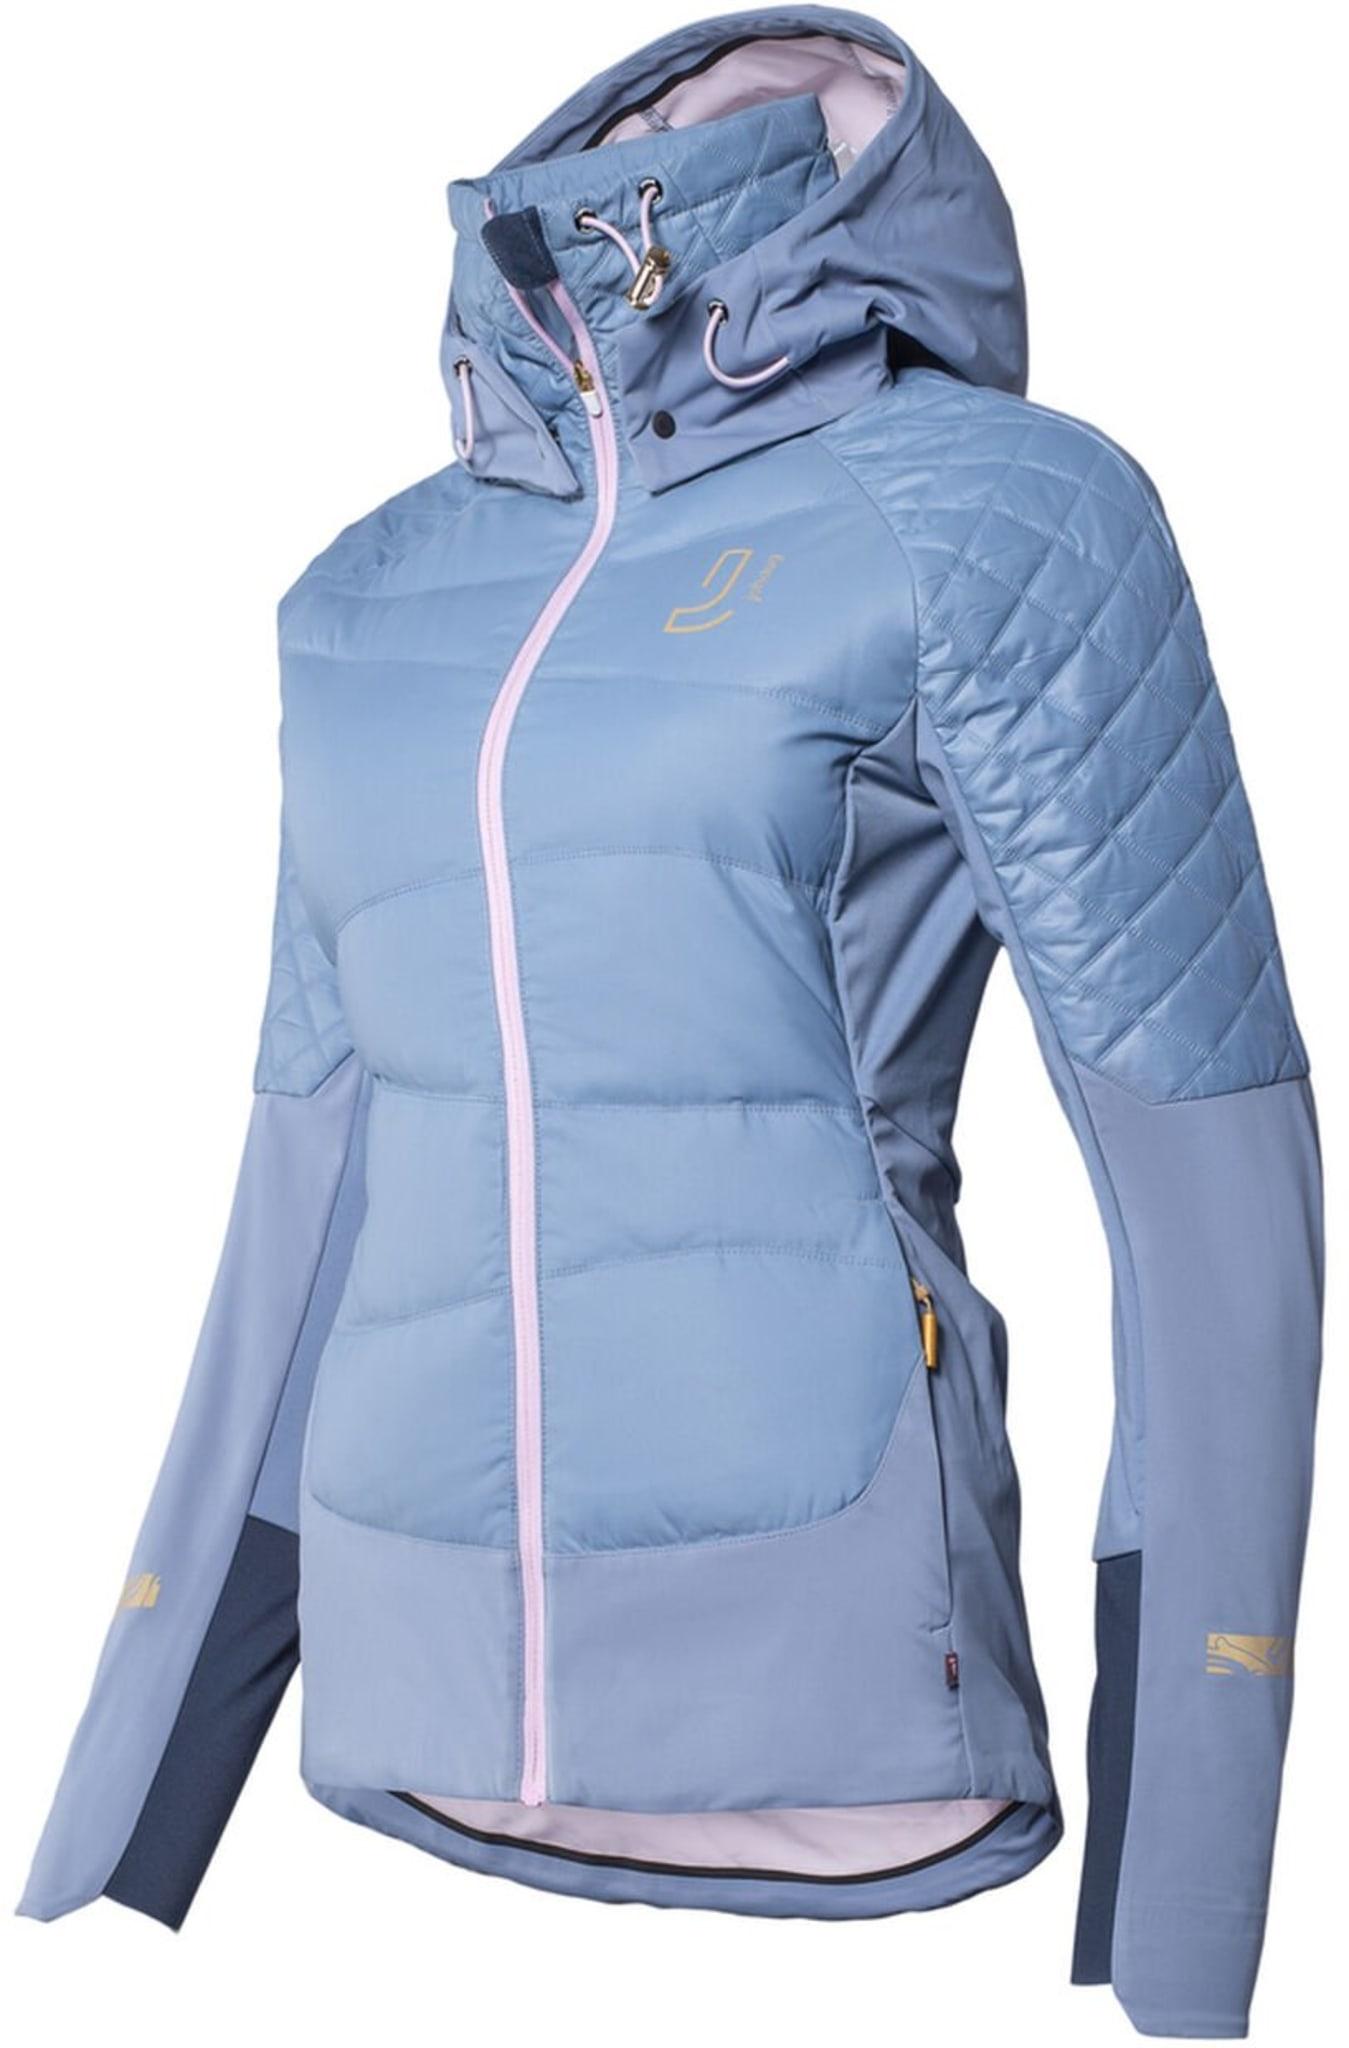 Vintertreningsjakke for ski eller andre utendørsaktiviteter